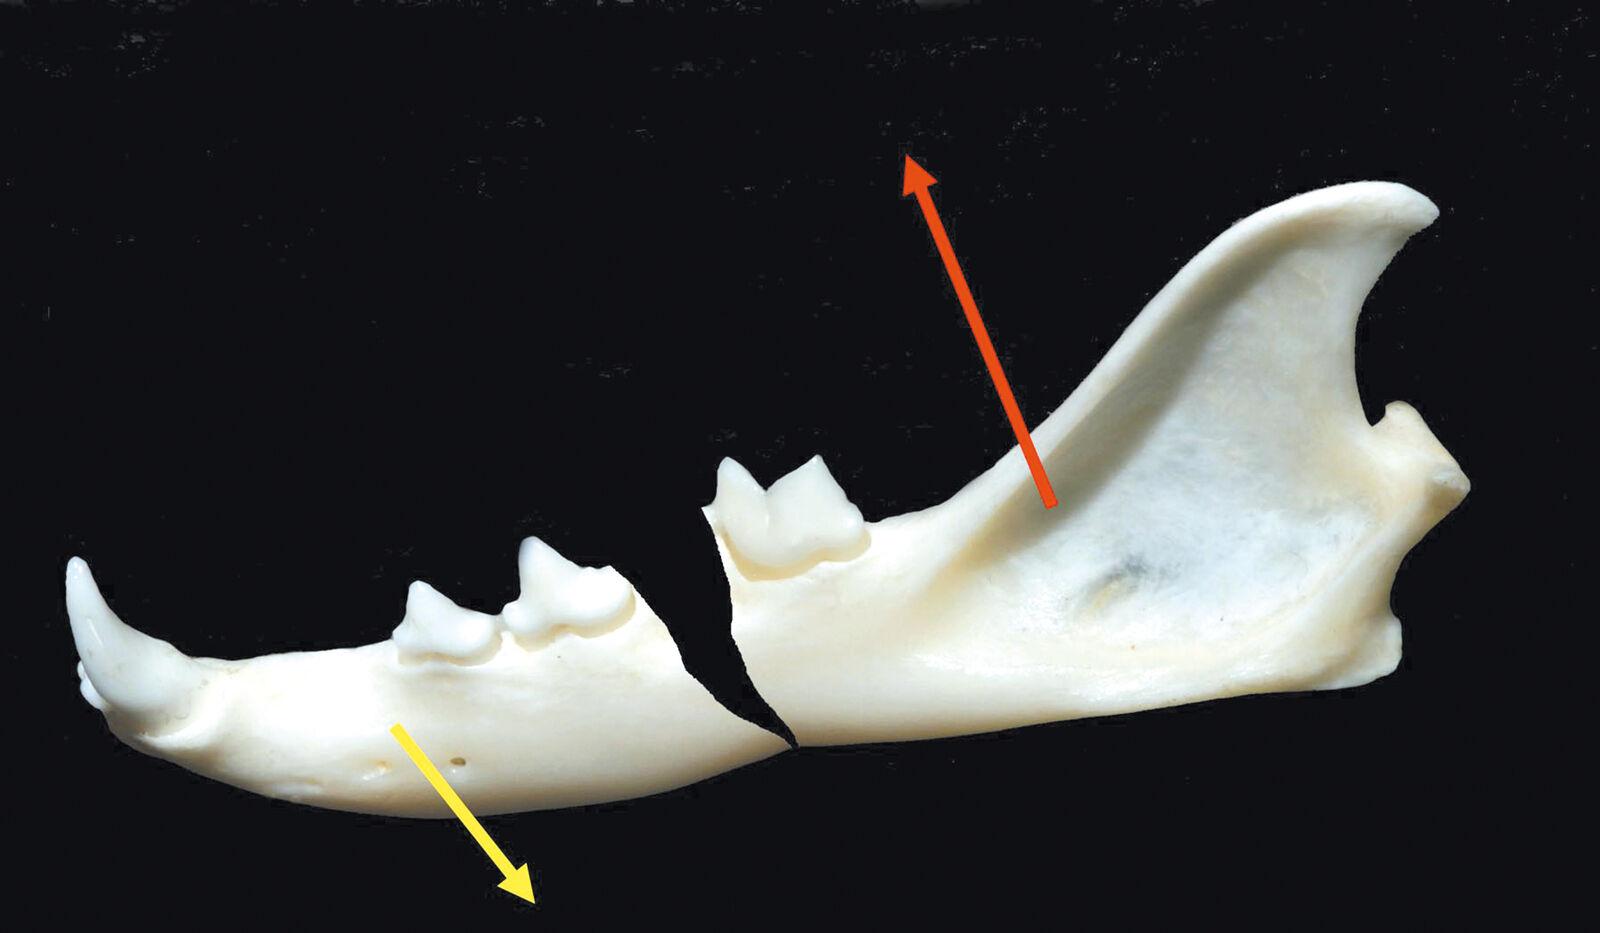 Figure 3. Fracture du corps de la mandibule ; la flèche jaune indique la direction des forces musculaires qui ouvrent la bouche ; la flèche rouge indique la direction des forces musculaires qui ferment la bouche. Ecartement de la fracture et défaut d'alignement.